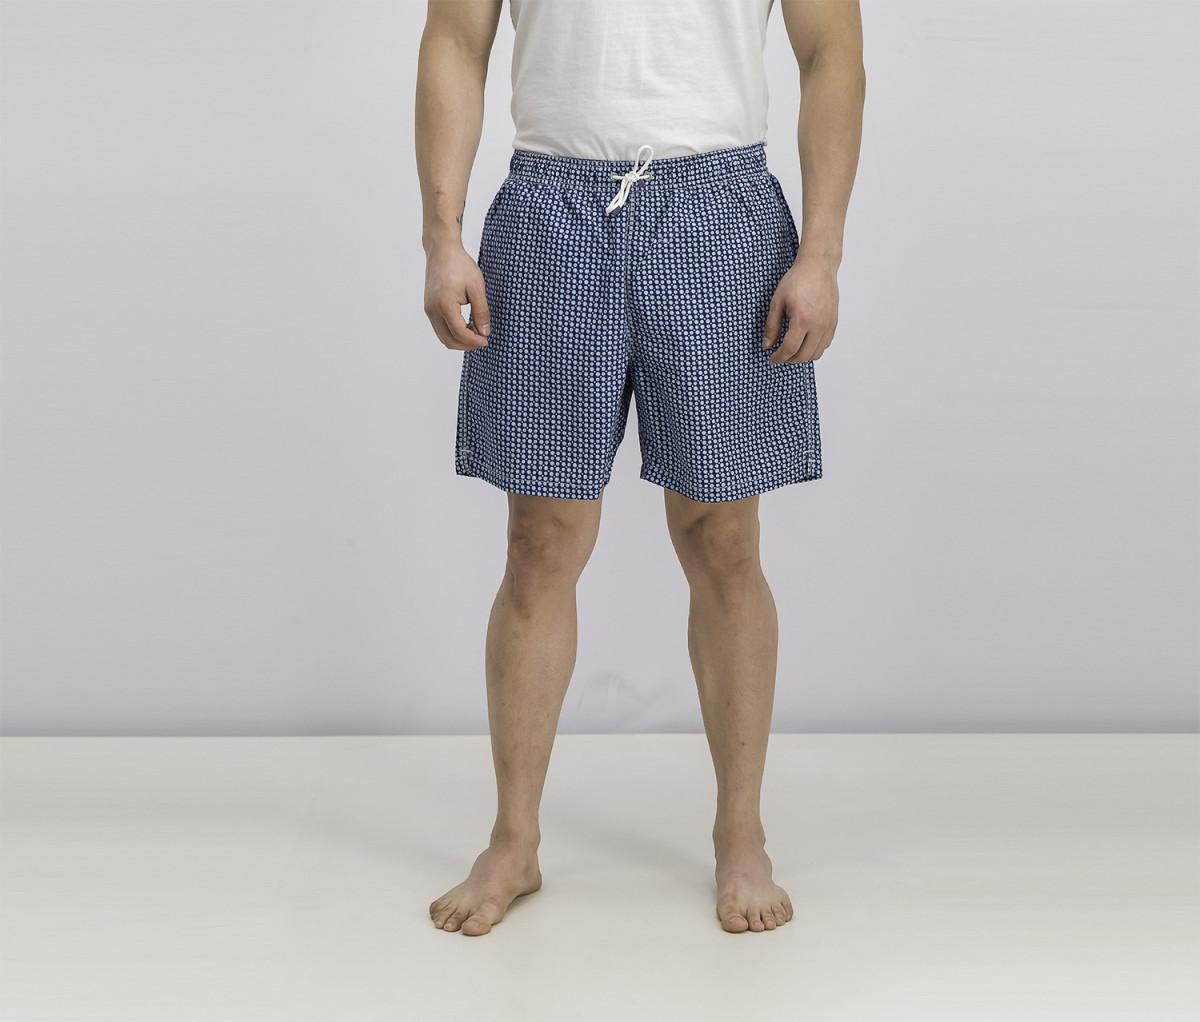 Hackett Mens Drawstring Board Shorts  Blue